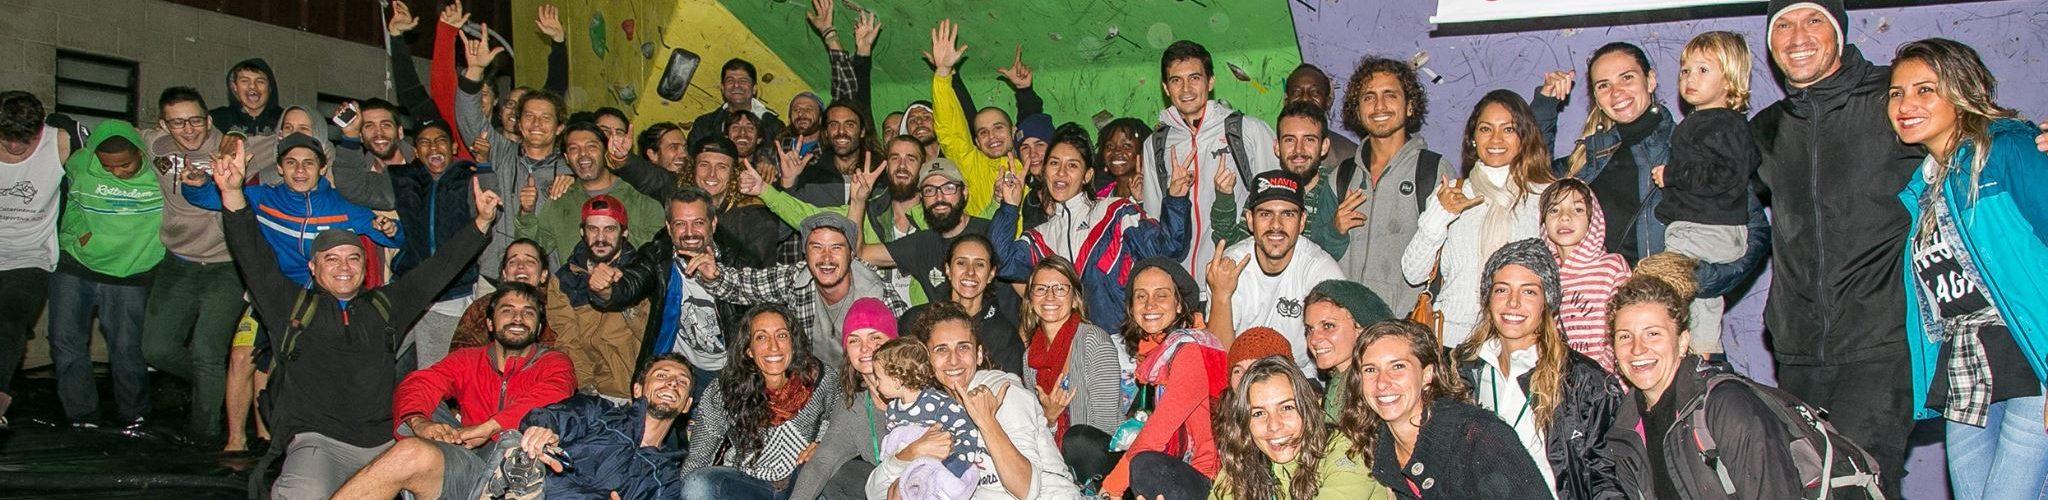 foto com maioria dos presentes na primeira etapa do ranking